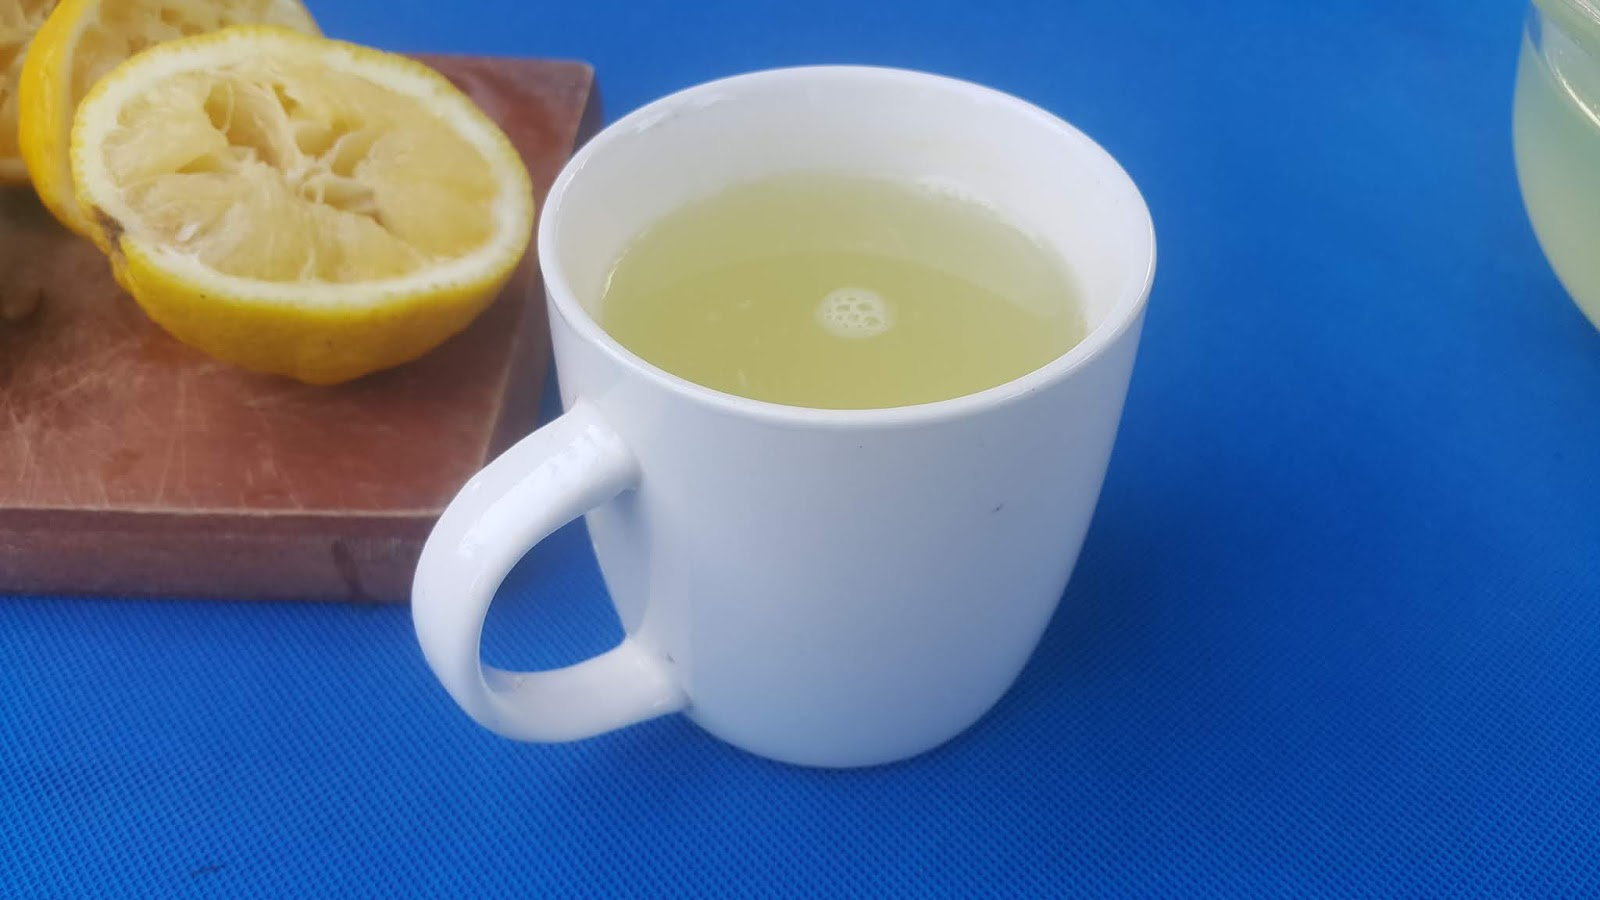 Zitrone schneidet Wasser zur Gewichtsreduktion